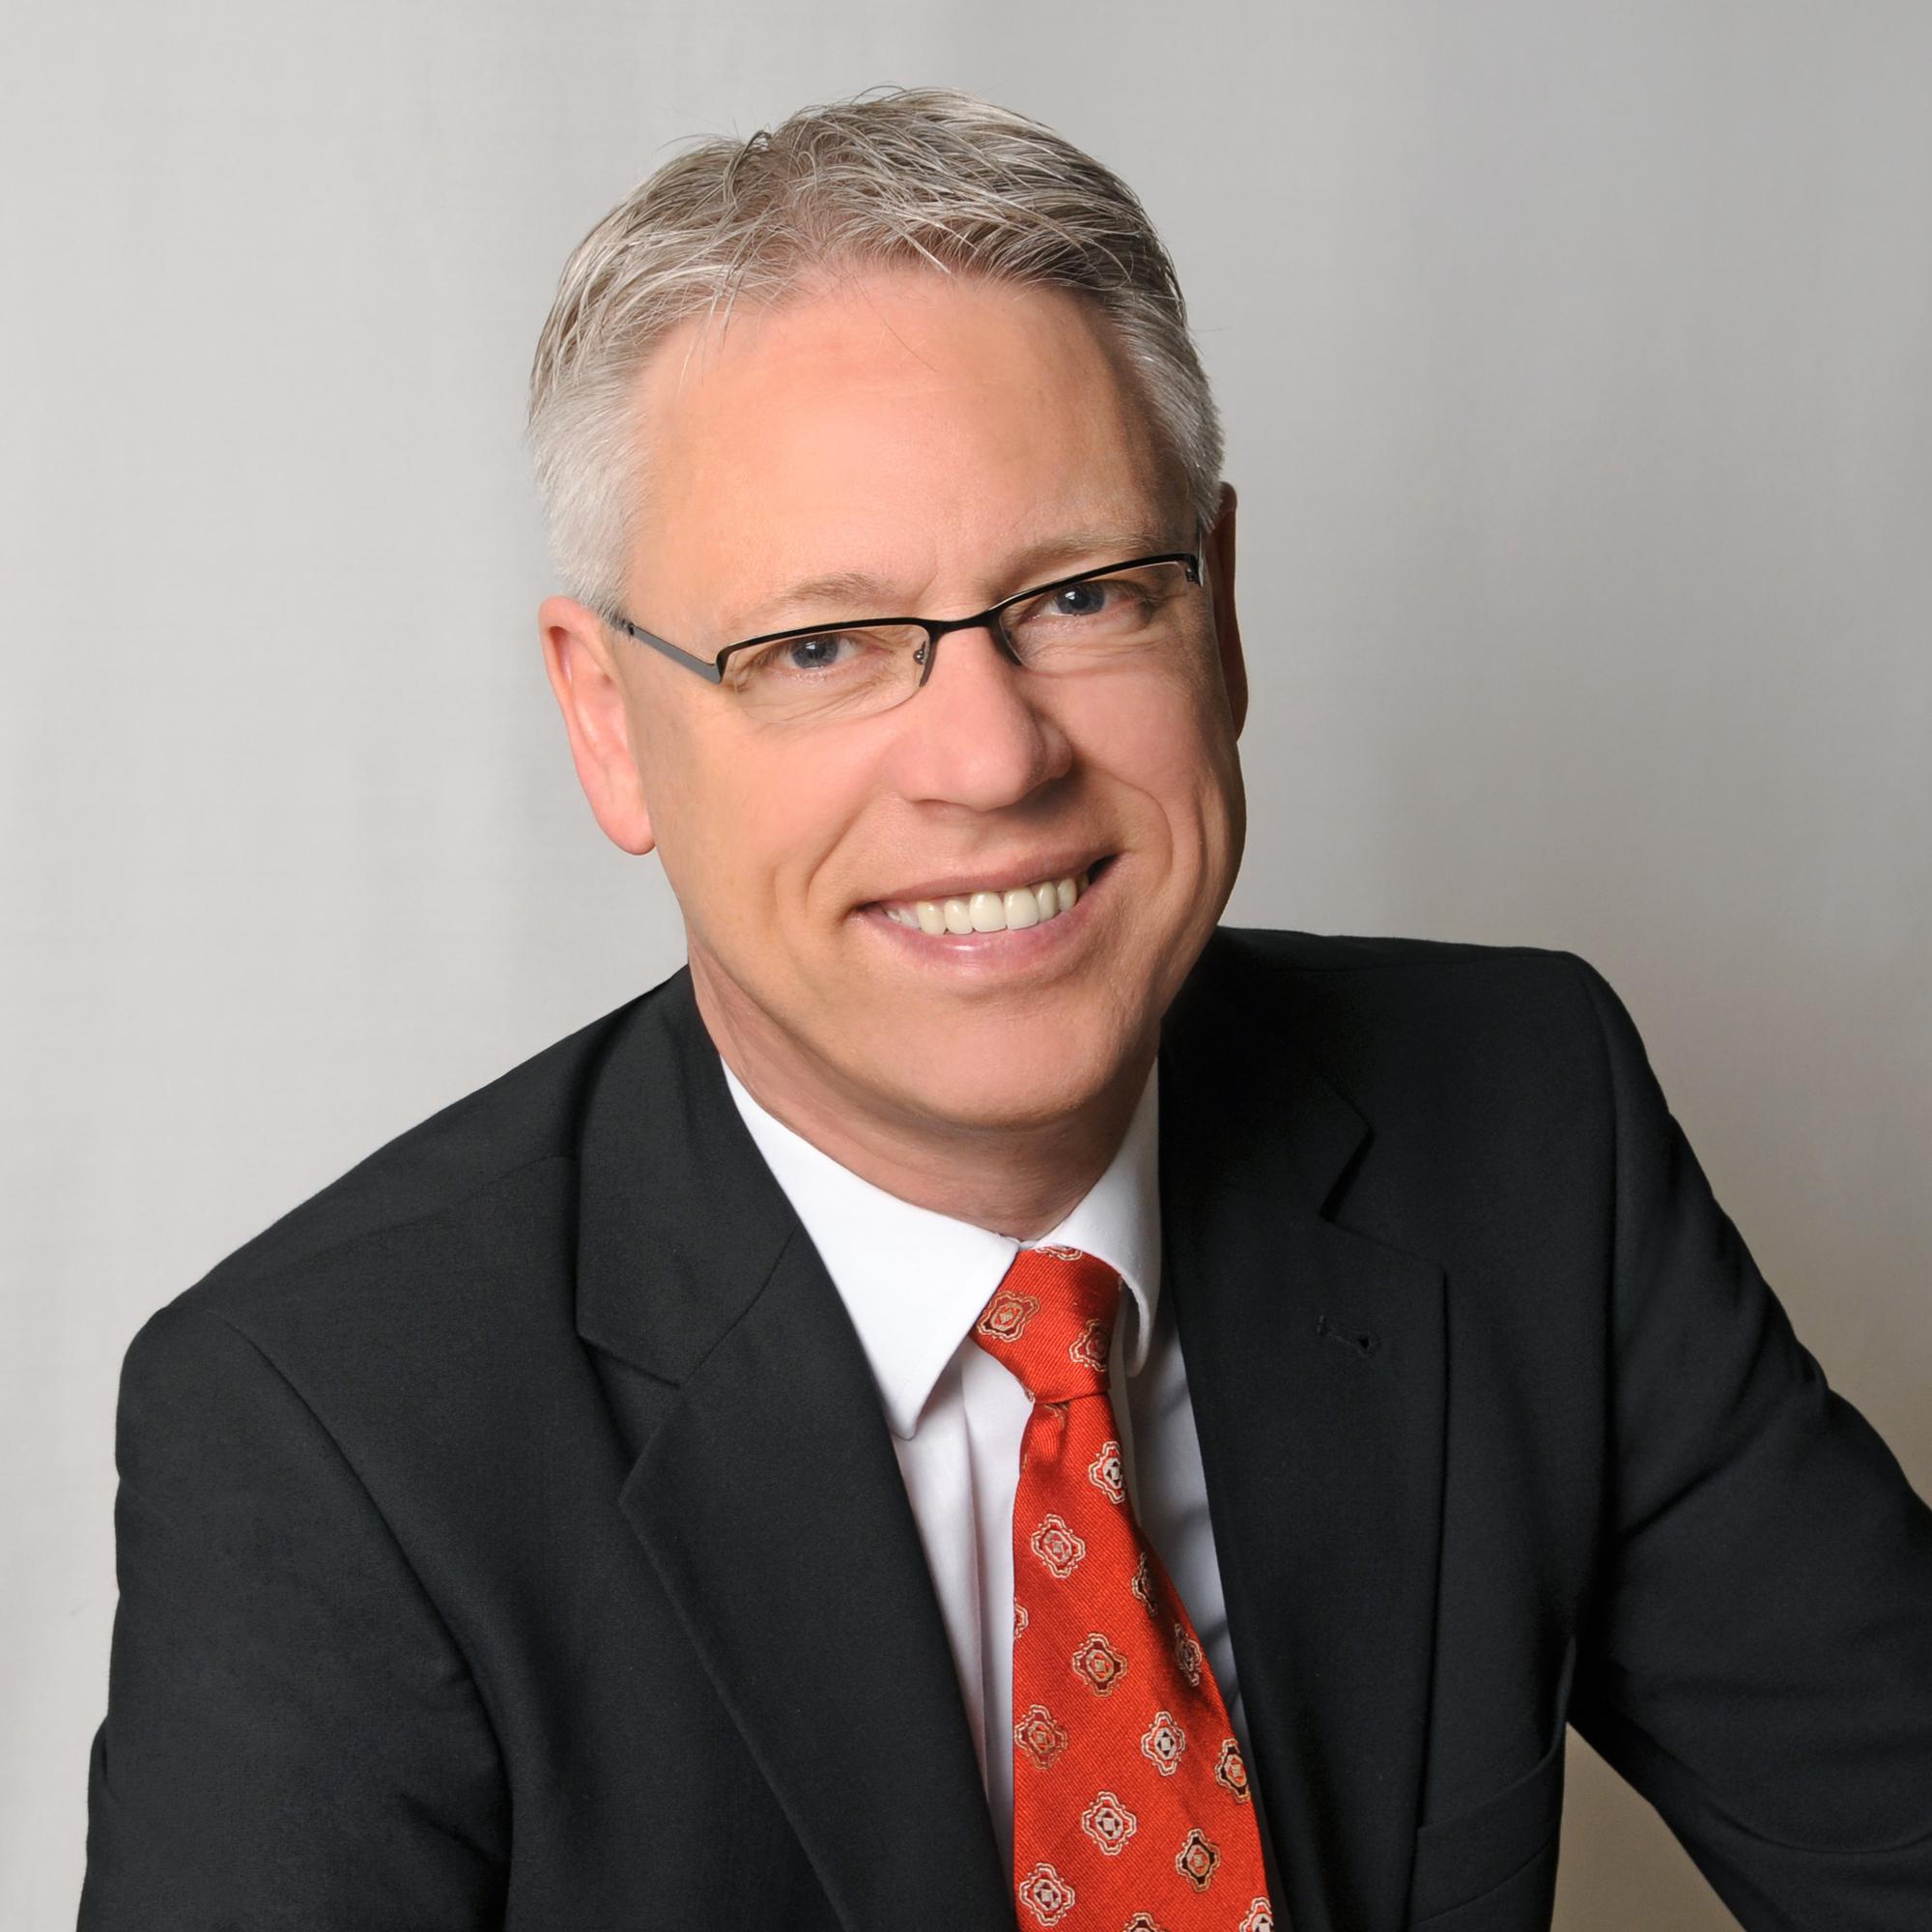 Martin Tiemerding - Umsatz im Handwerk steigern